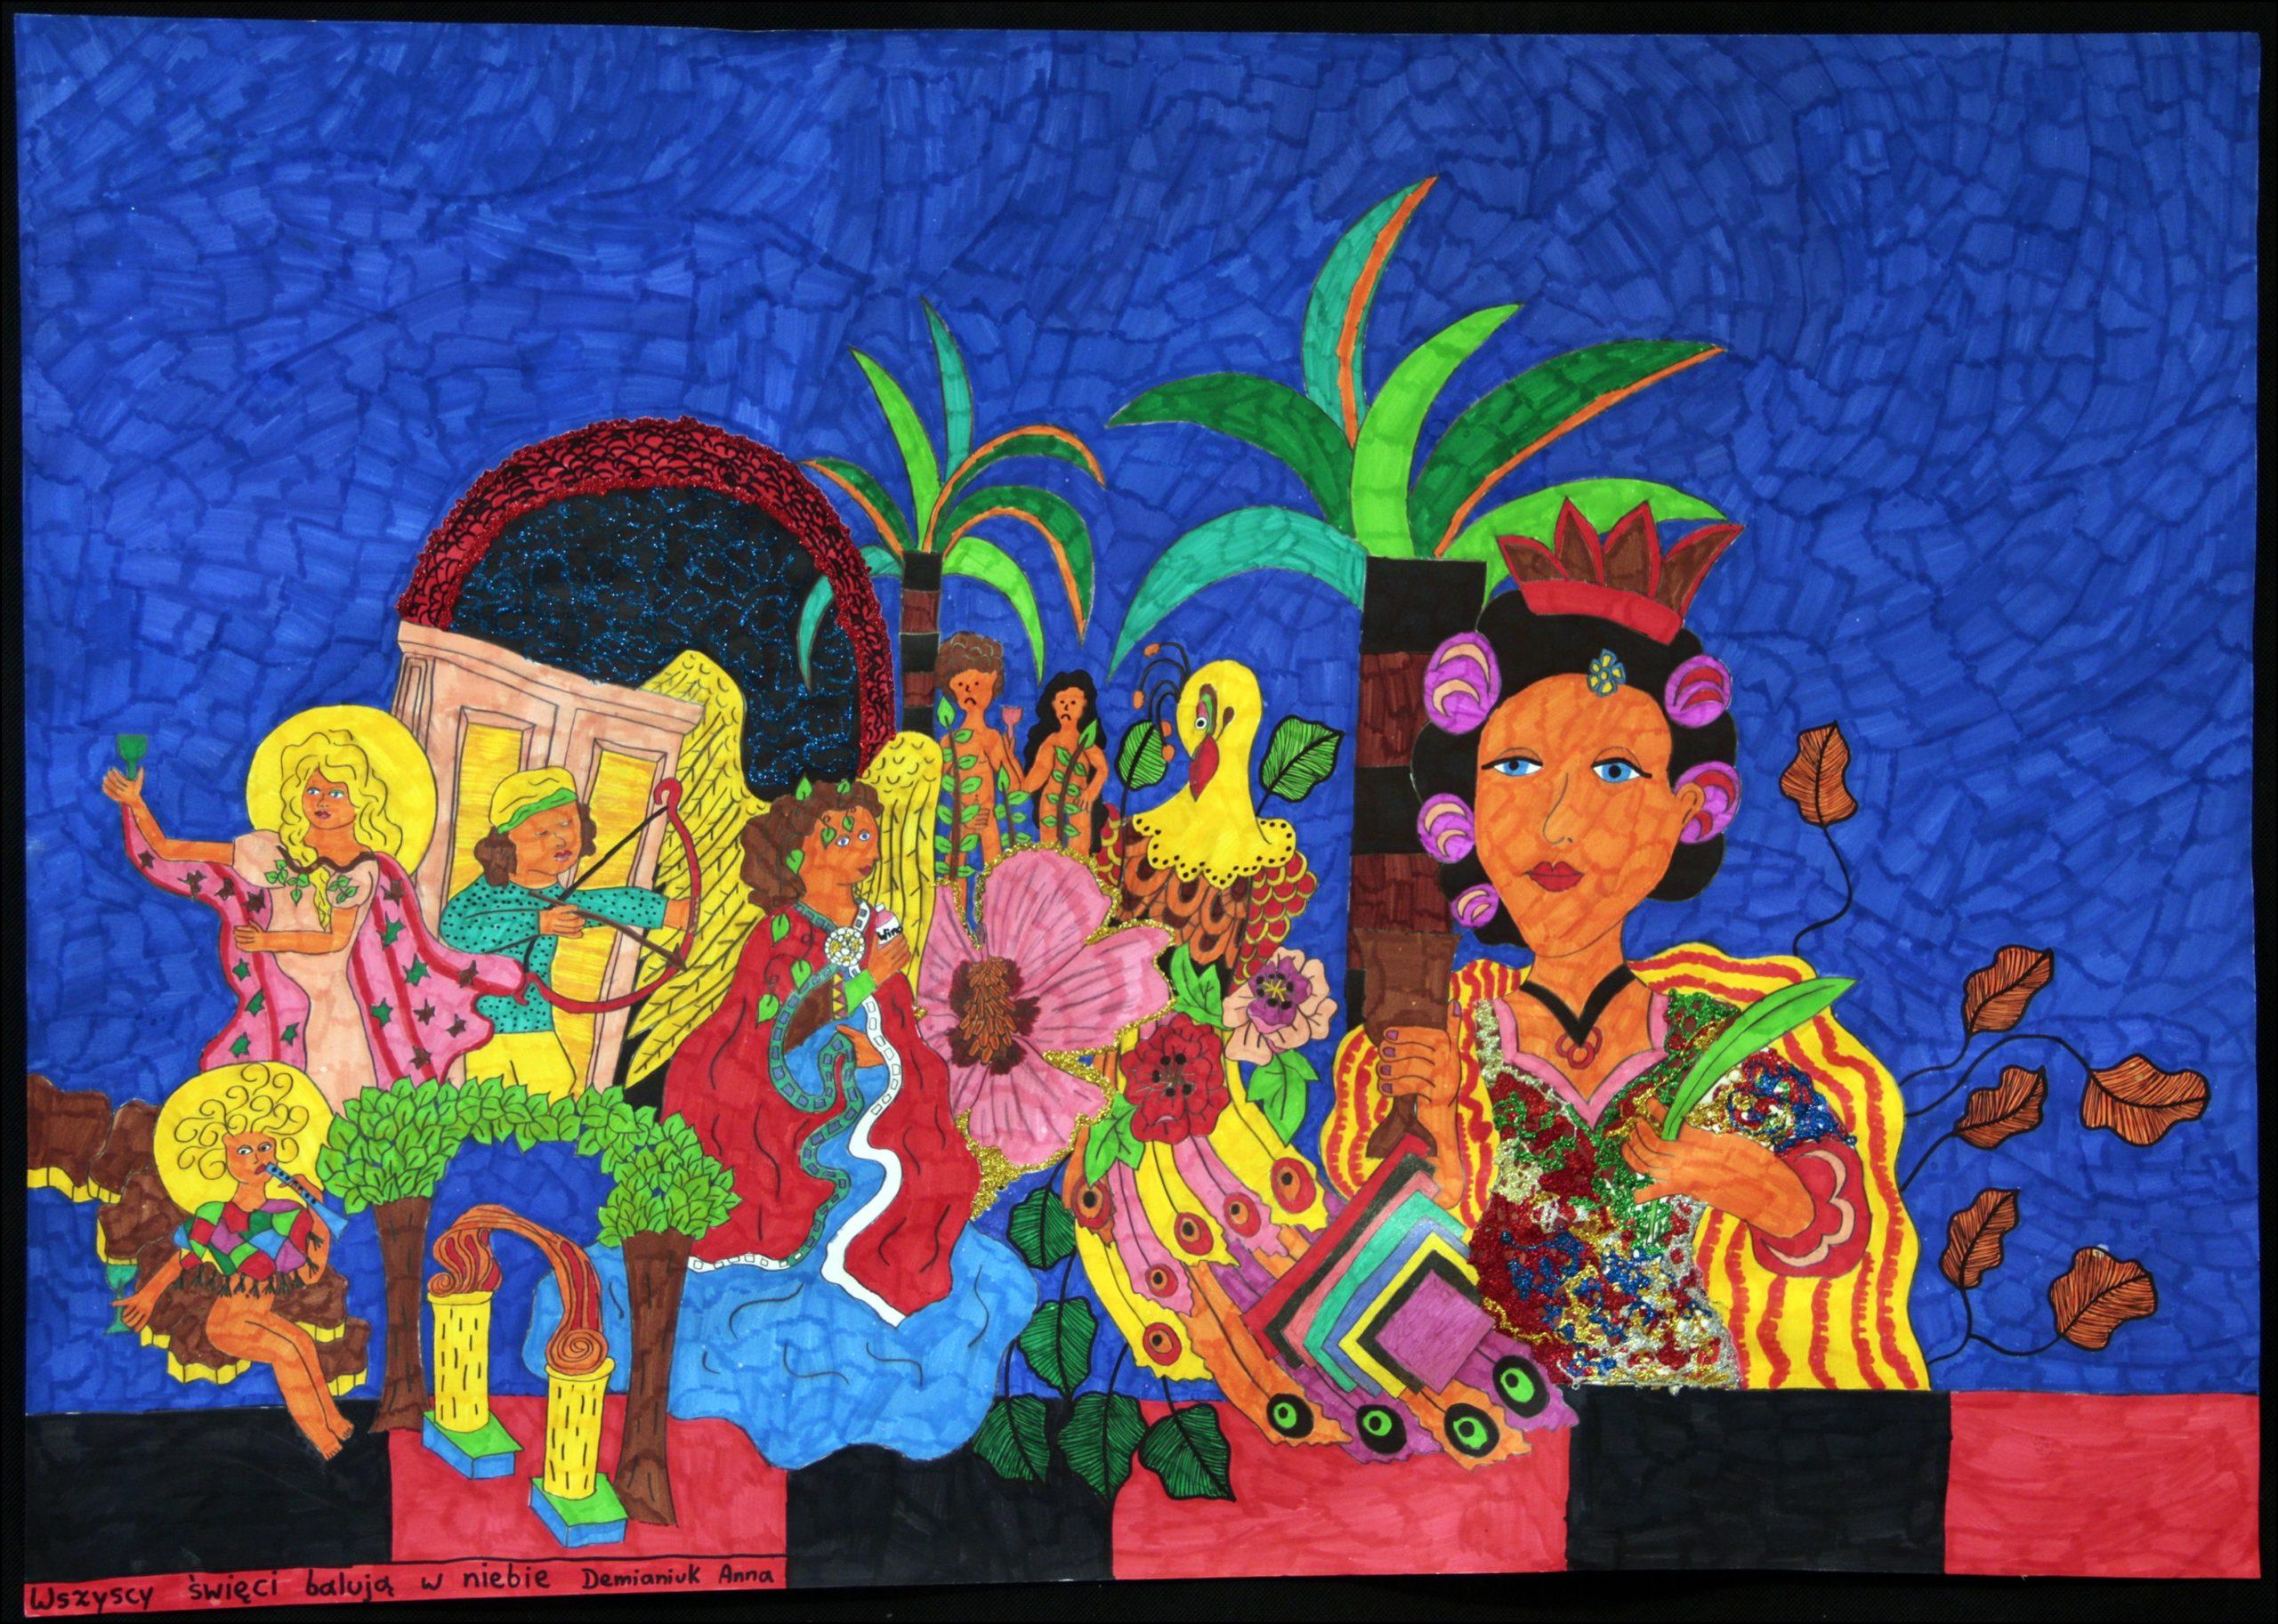 Wystawa i wernisaż prac Anny Demianiuk – Malarstwo Naiwne